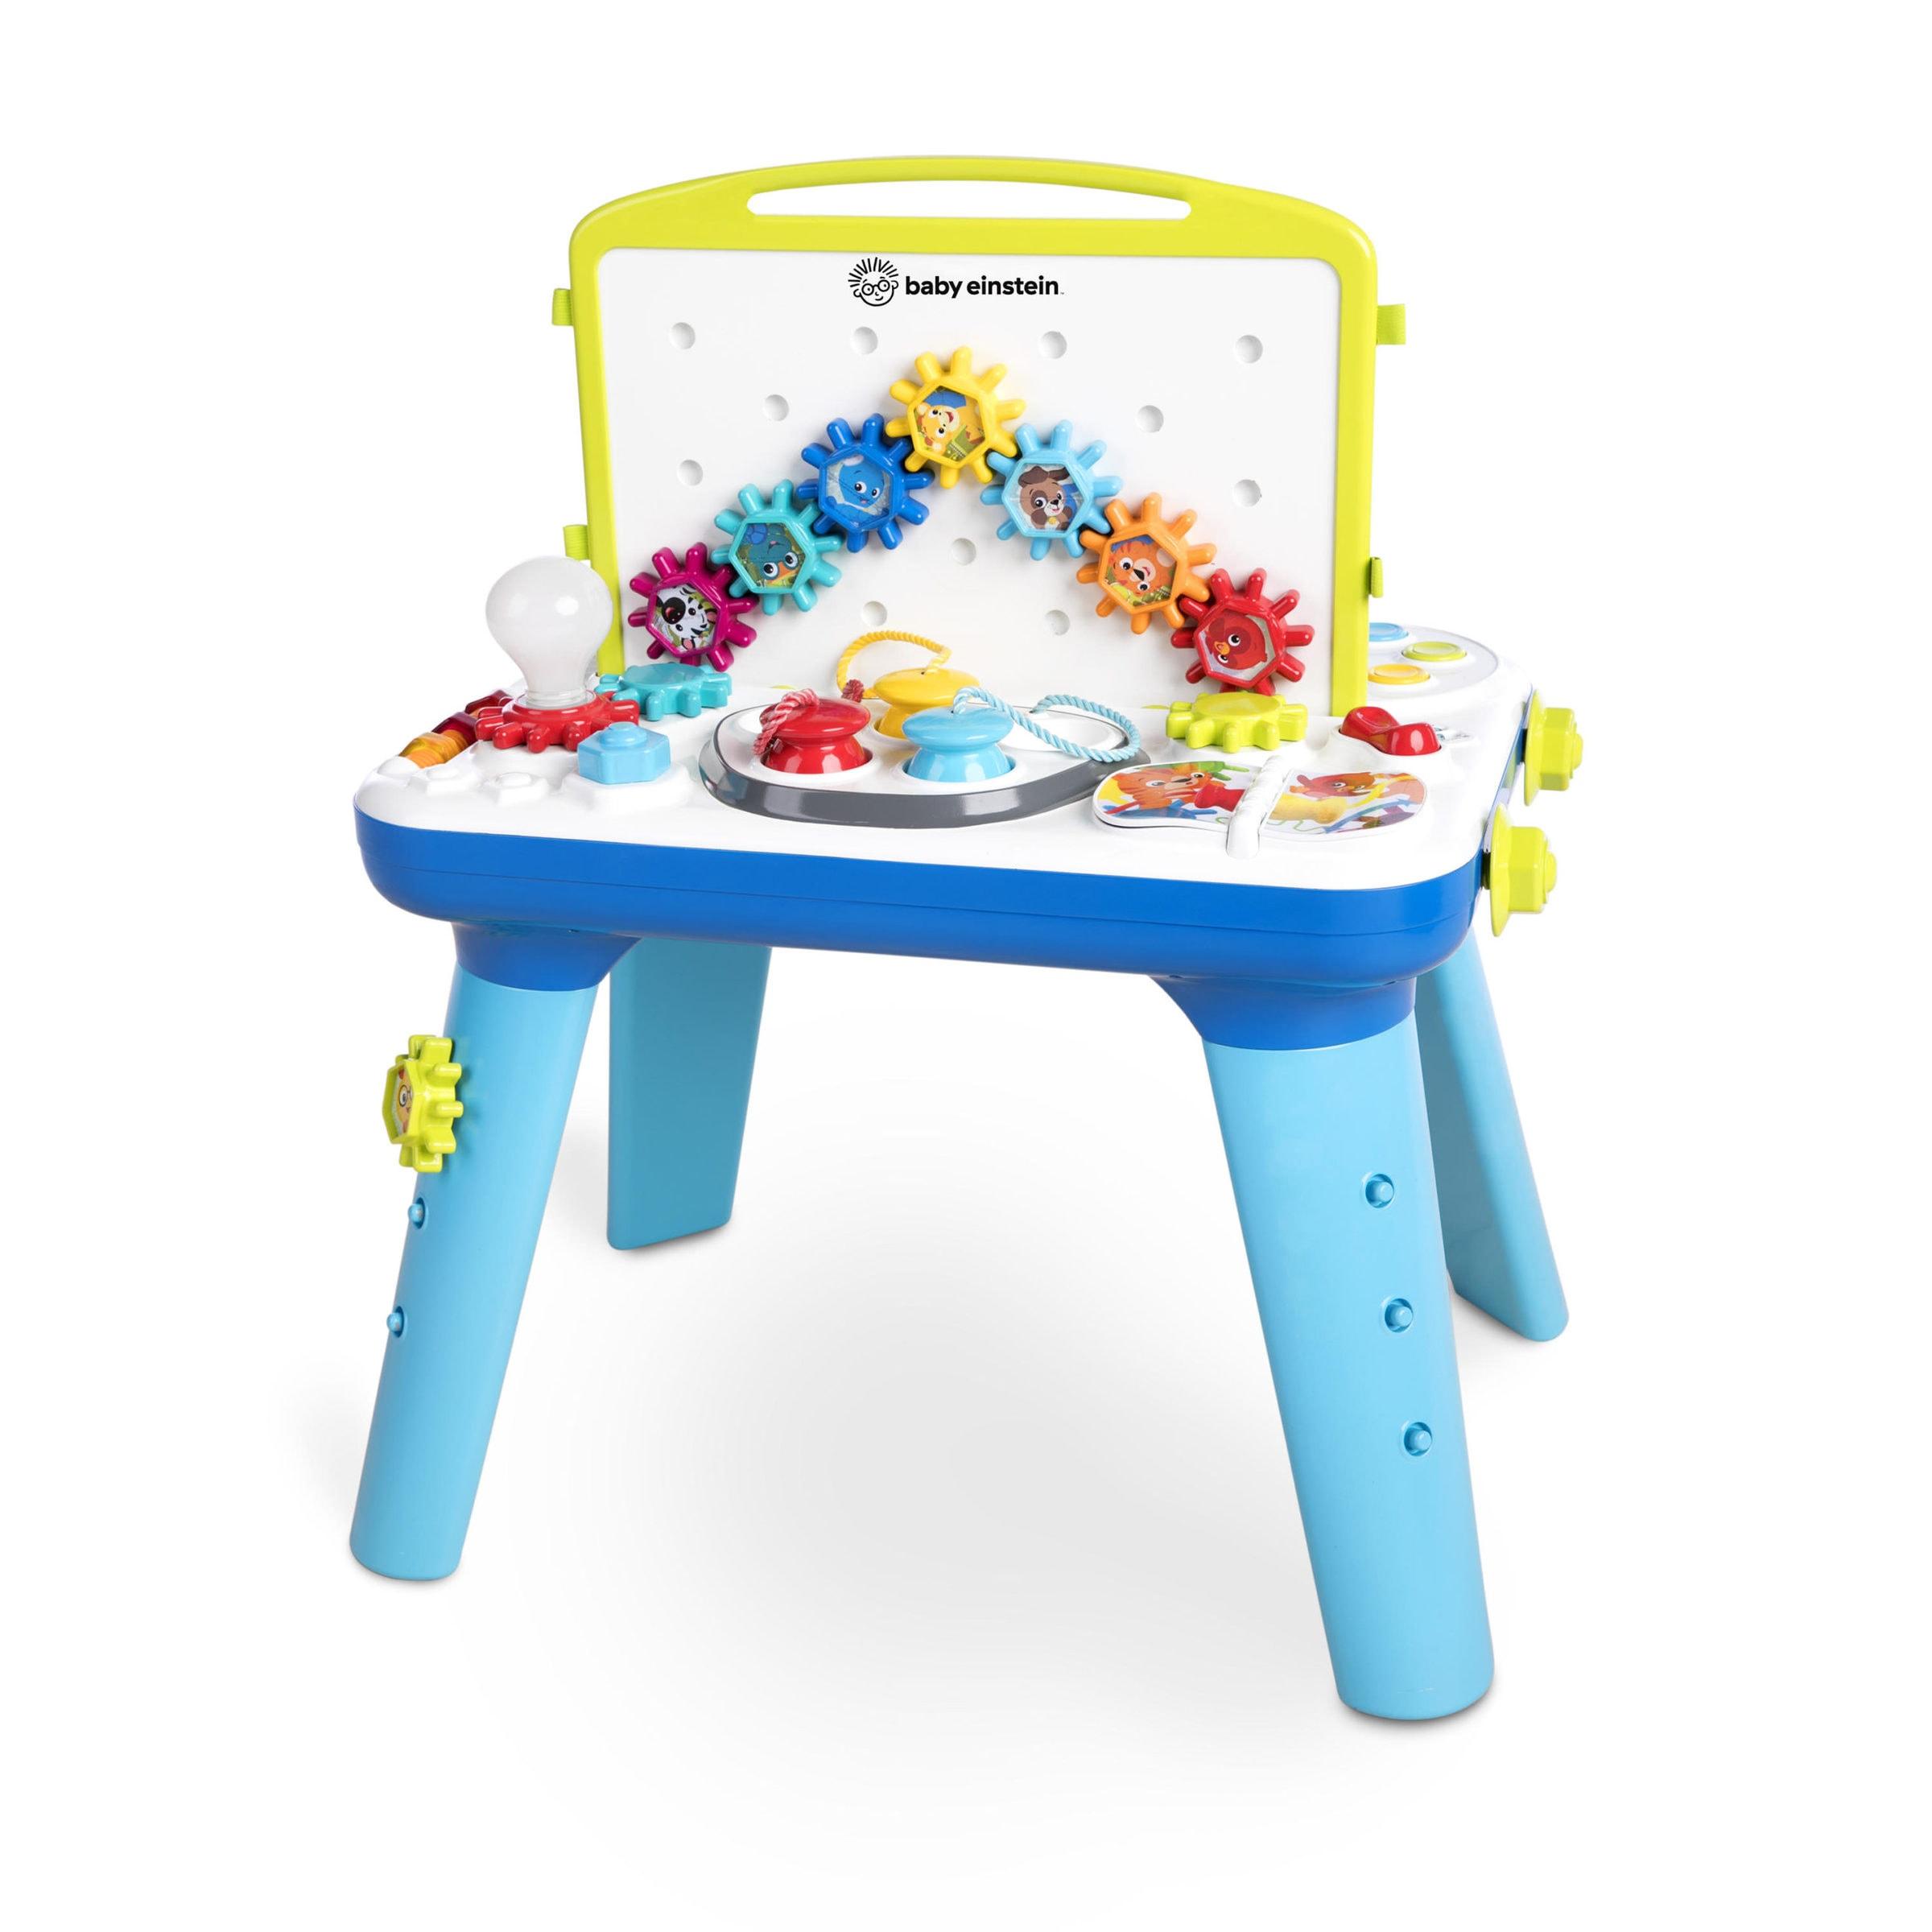 Baby Einstein - Curiosity table (10345)